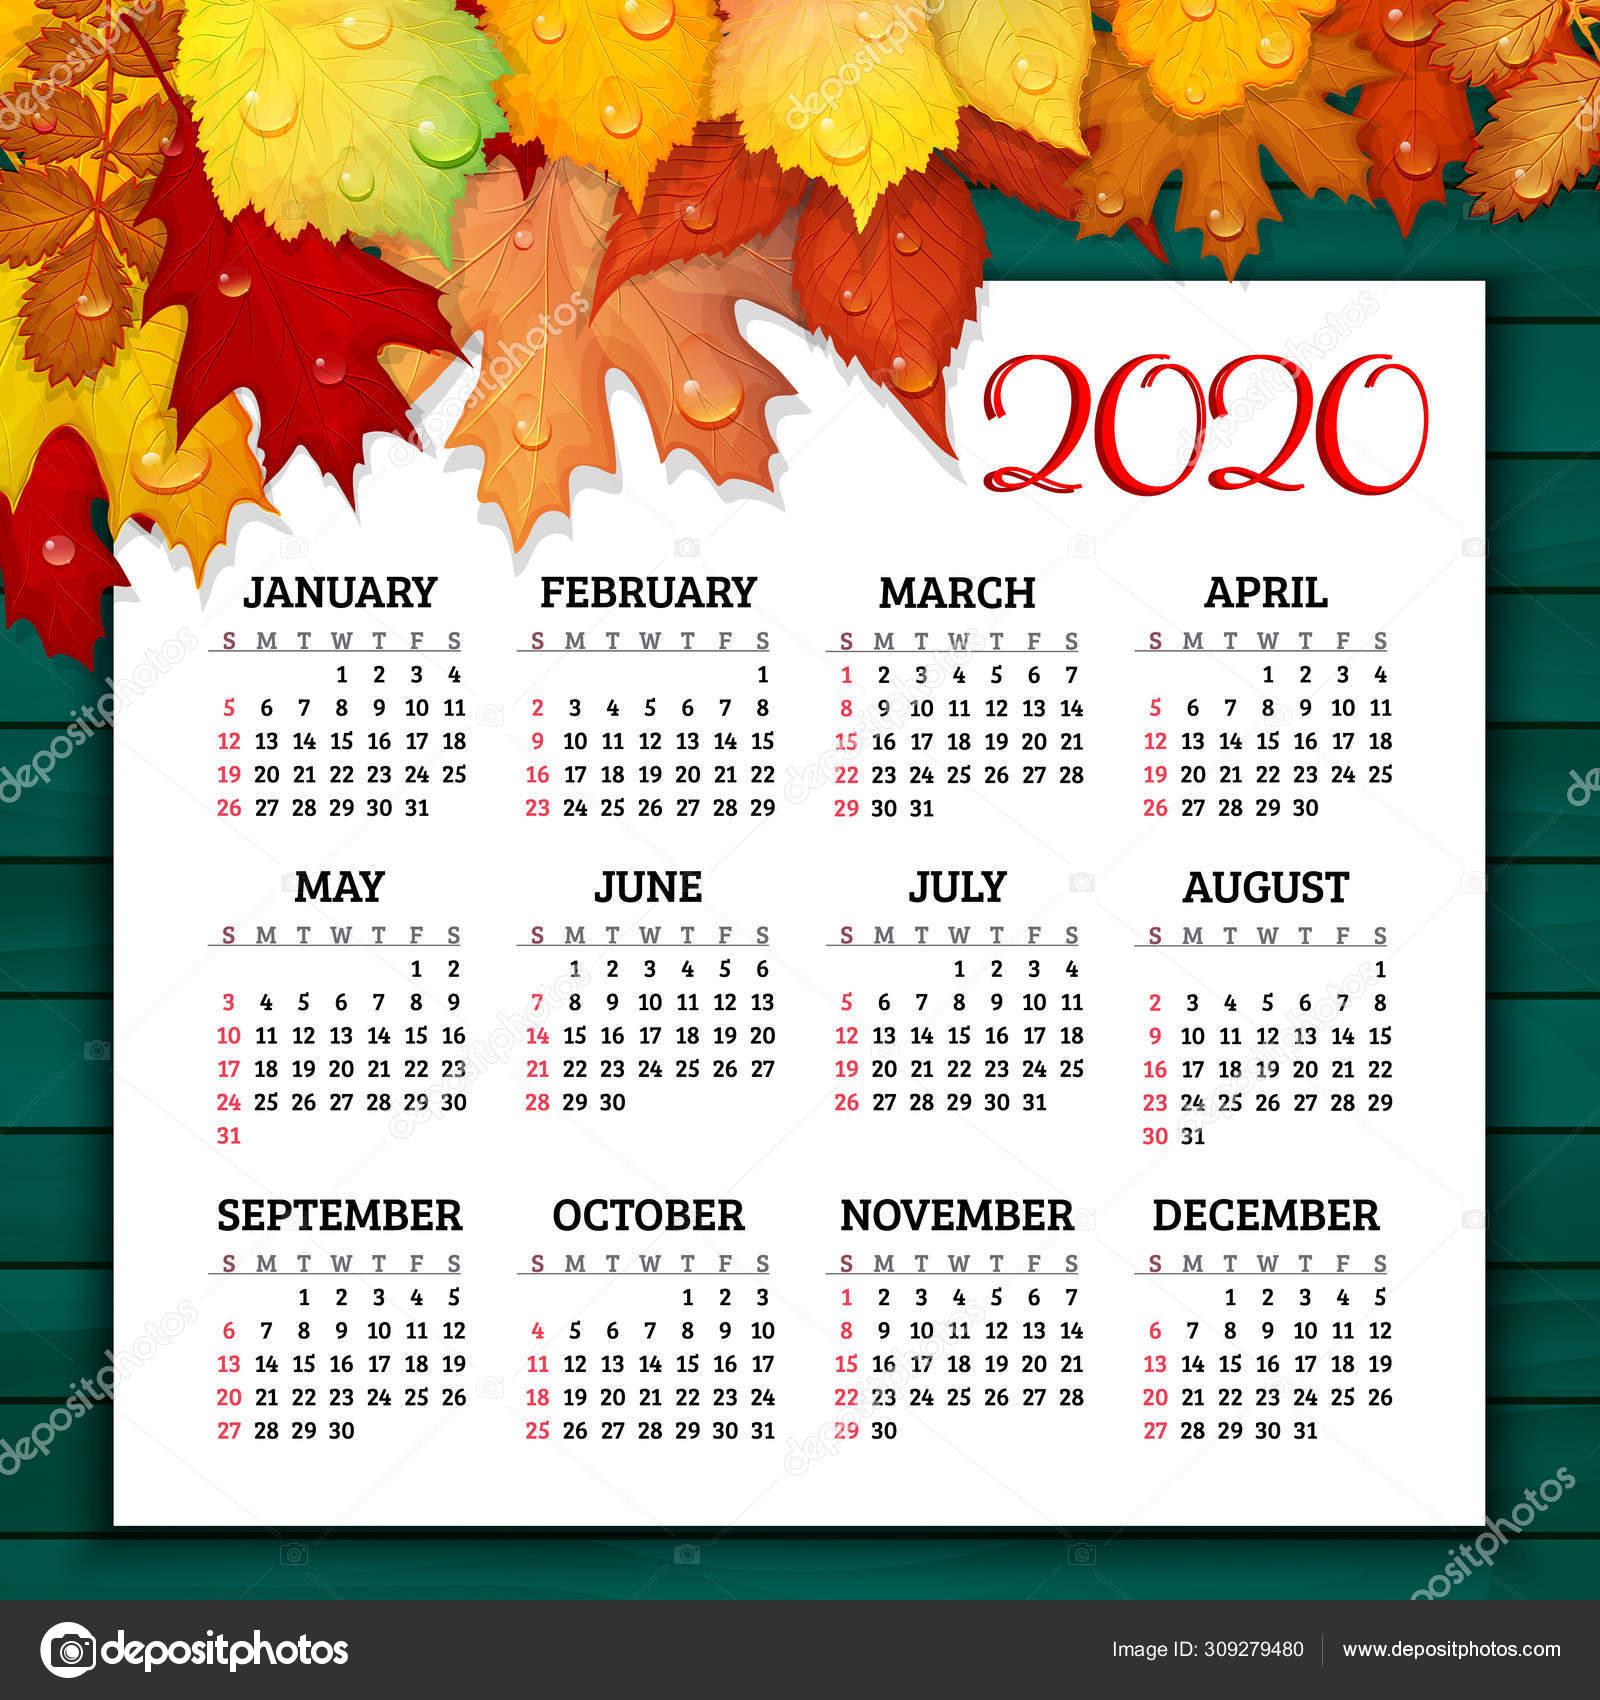 Календарь На 2020 Год С Красочными Осенними Листьями На